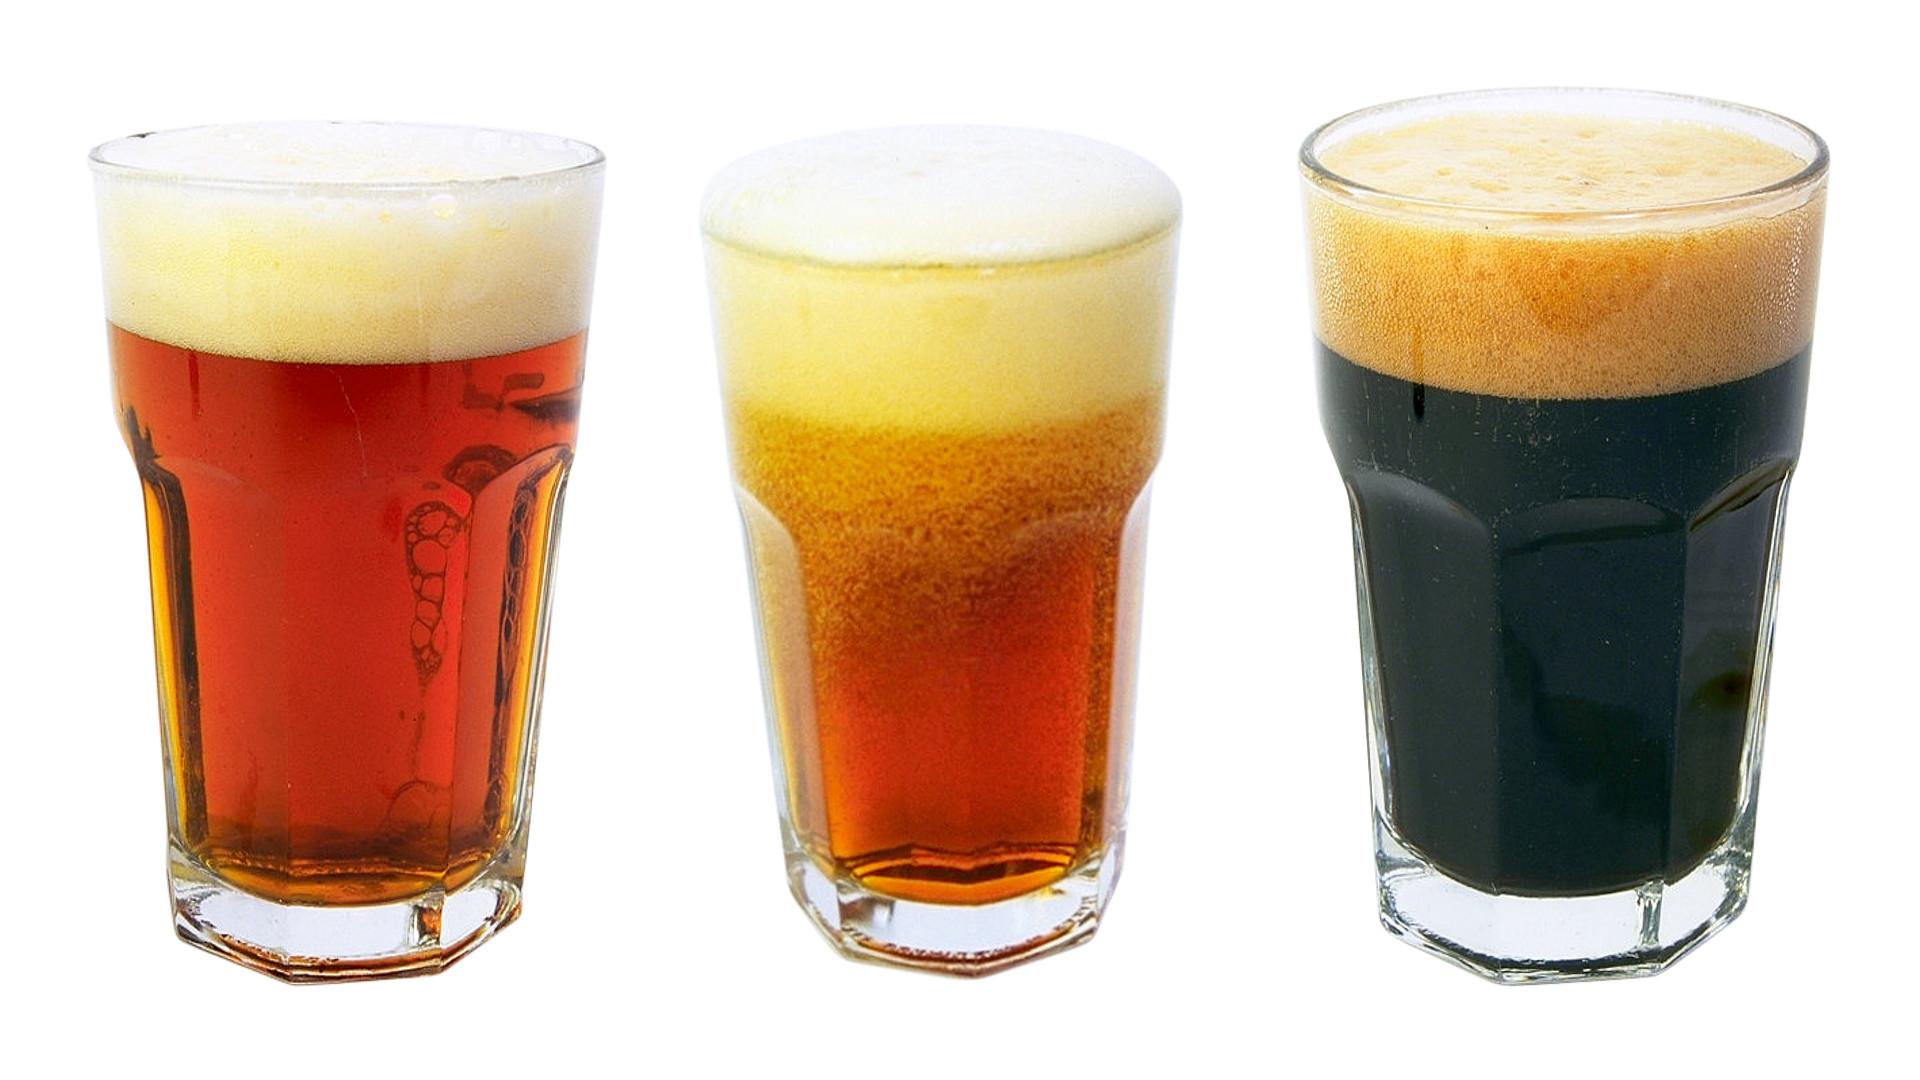 rubia-tostada-o-negra-por-que-se-caracterizan-los-principales-tipos-de-cerveza-1920